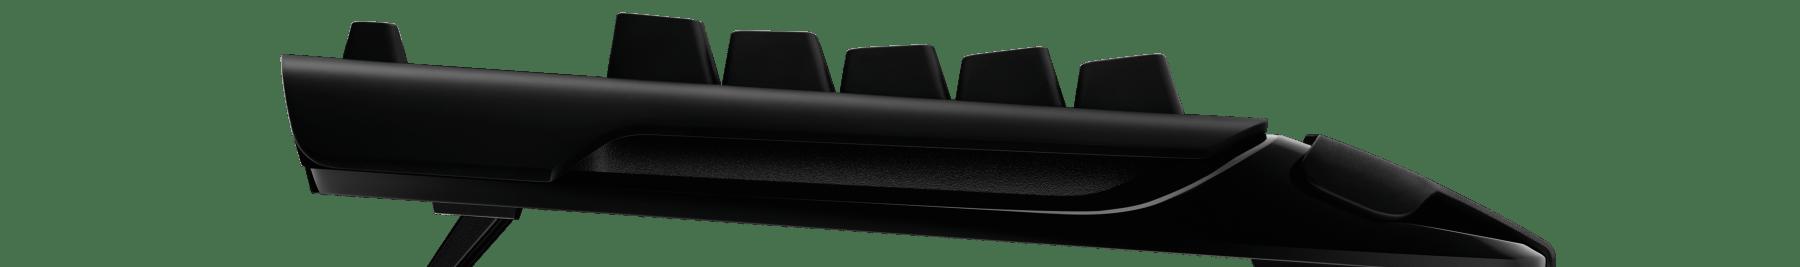 คีย์บอร์ดเกมมิ่งเชิงกล G910 RGB